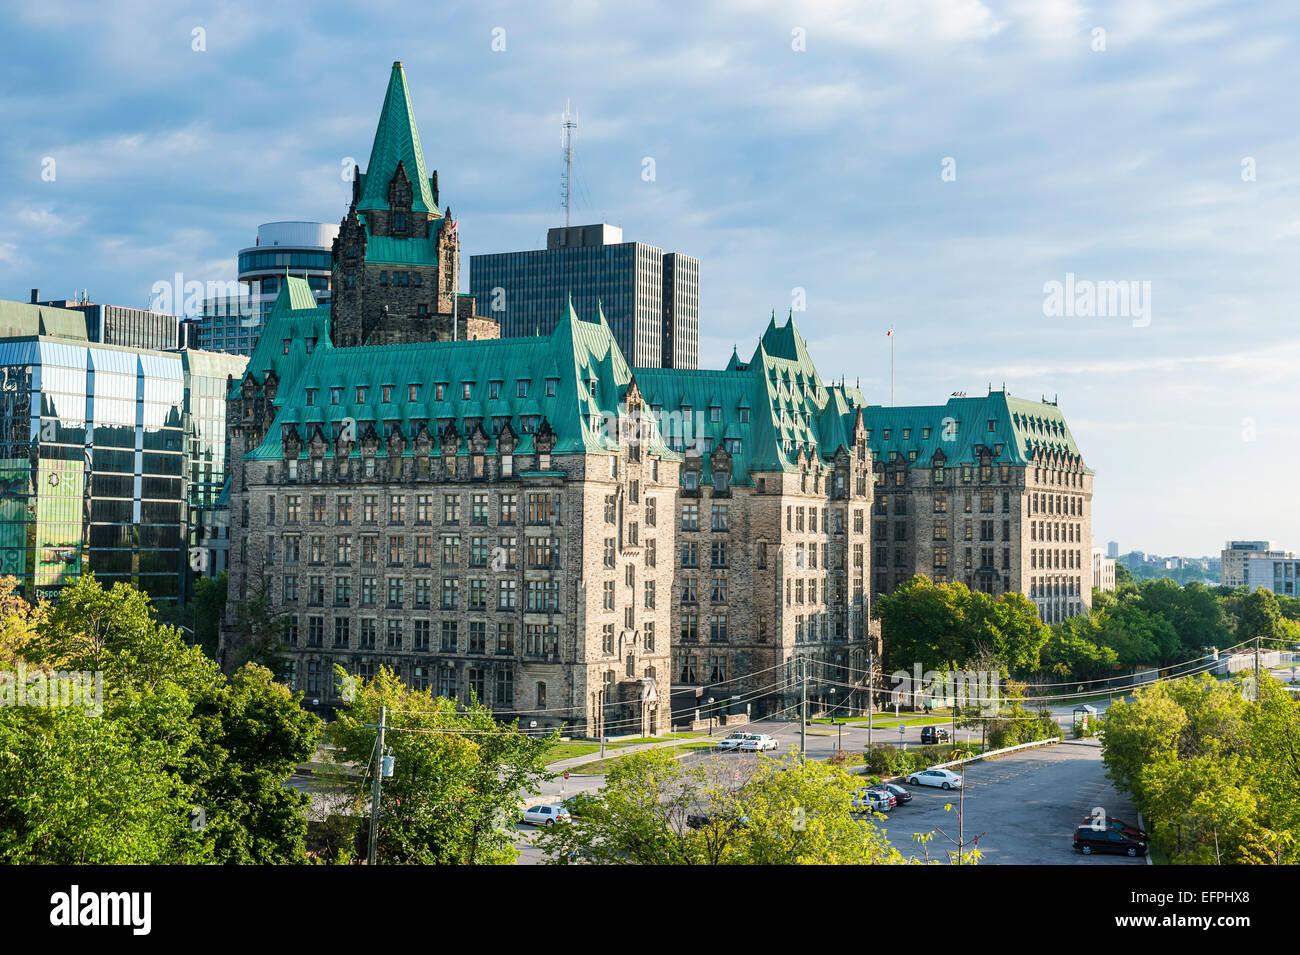 Édifice de la Confédération dans le centre d'Ottawa, Ontario, Canada, Amérique du Nord Photo Stock